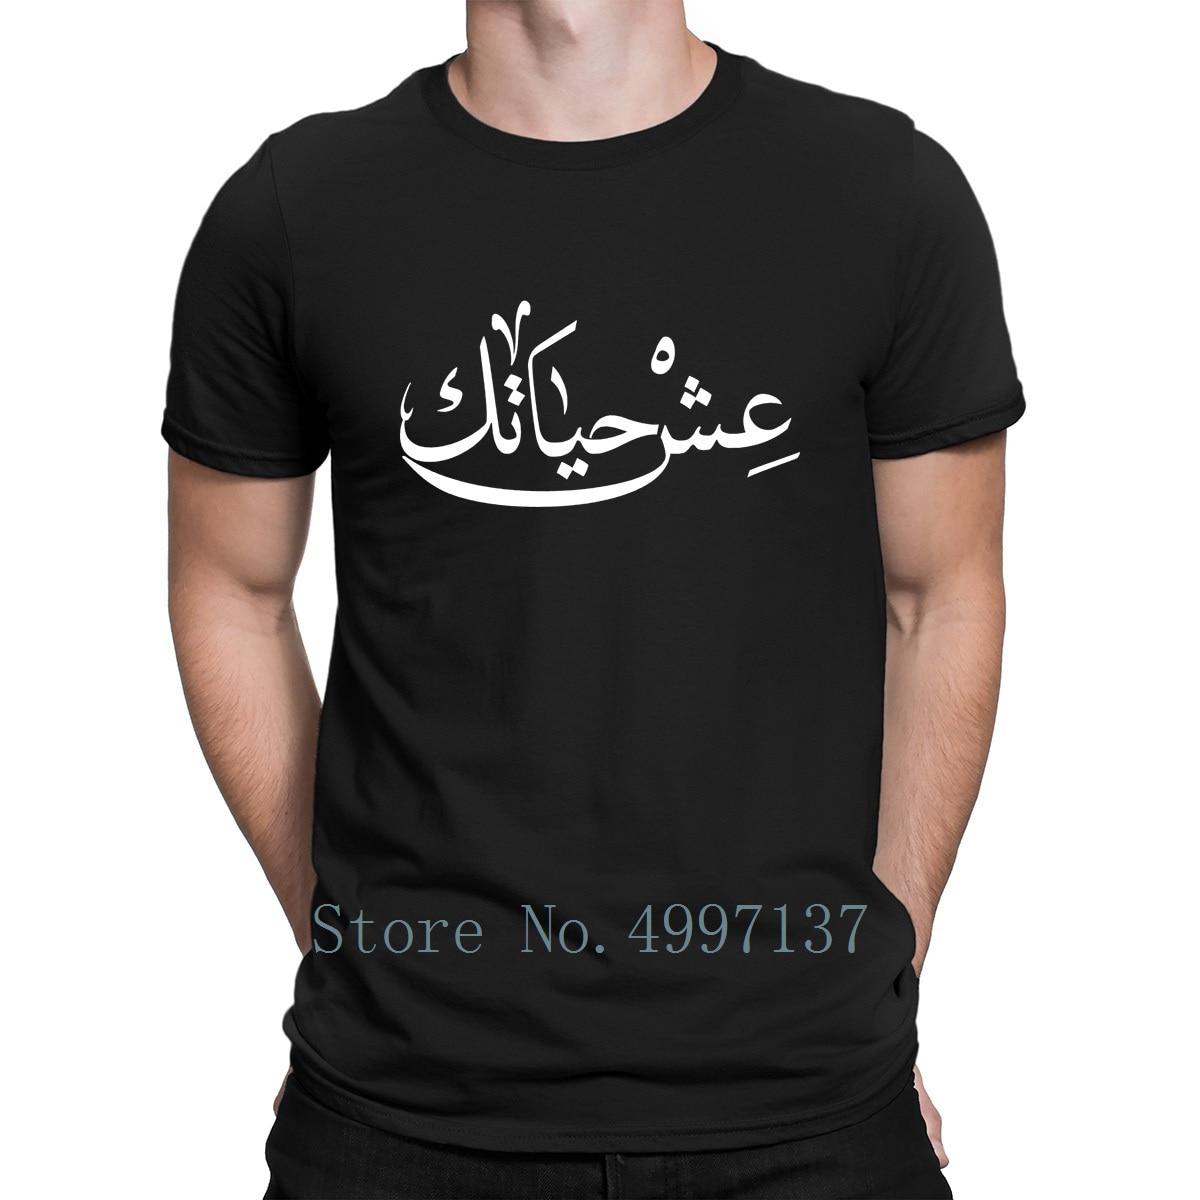 Арабская футболка с надписью «Live You Life», забавная Весенняя футболка из 100% хлопка с принтом S-Xxxl